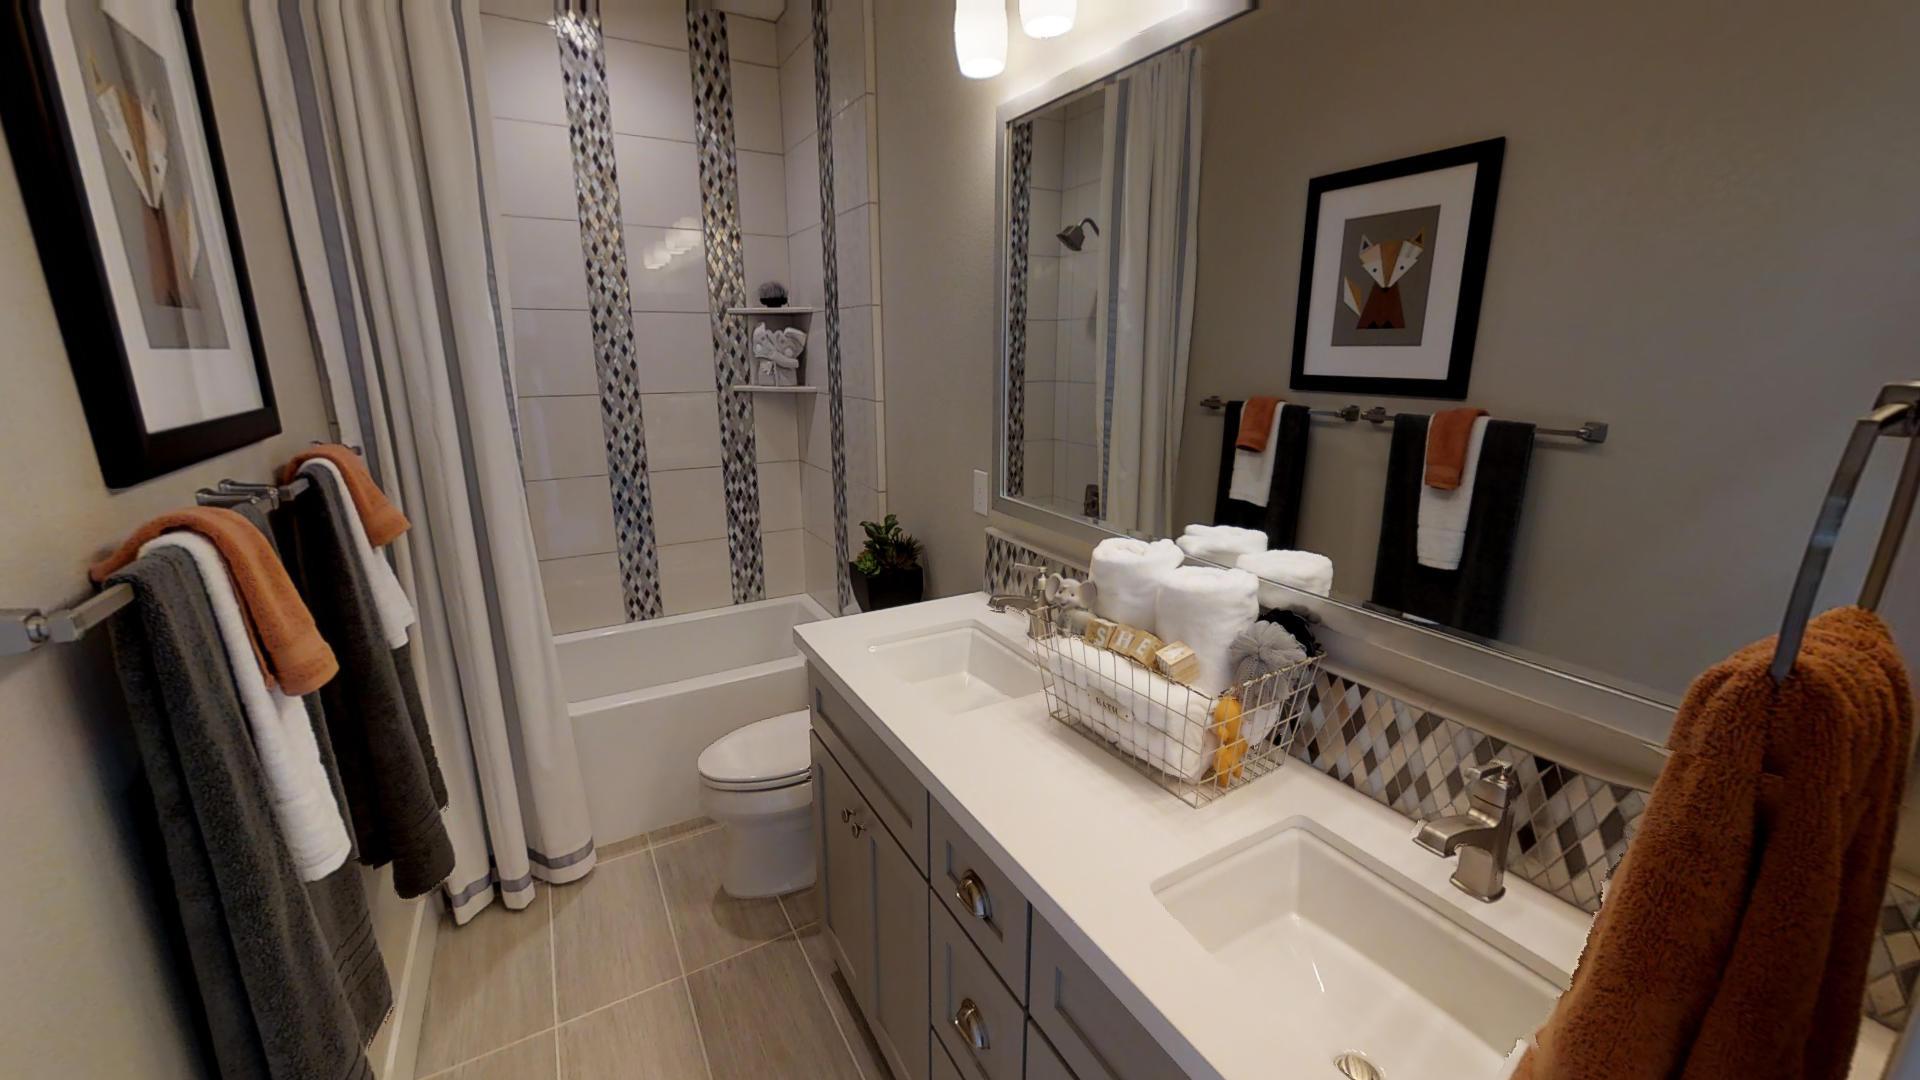 Ashford at Mountain House Plan 1 Bathroom